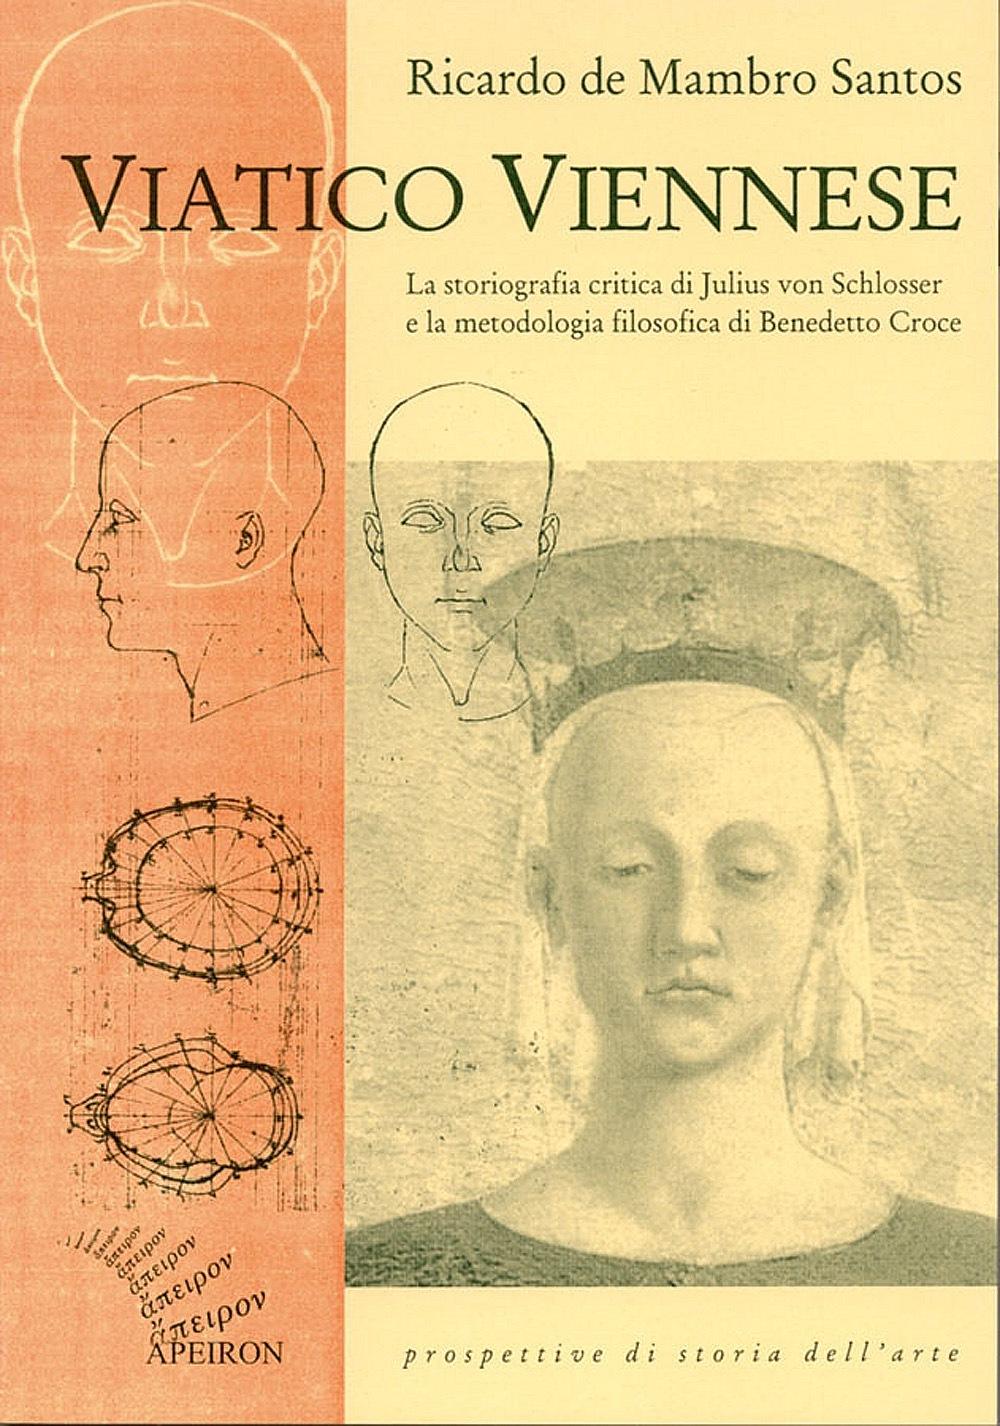 Viatico Viennese. La storiografia critica di Julius von Schlosser e la metodologia filosofica di Benedetto Croce